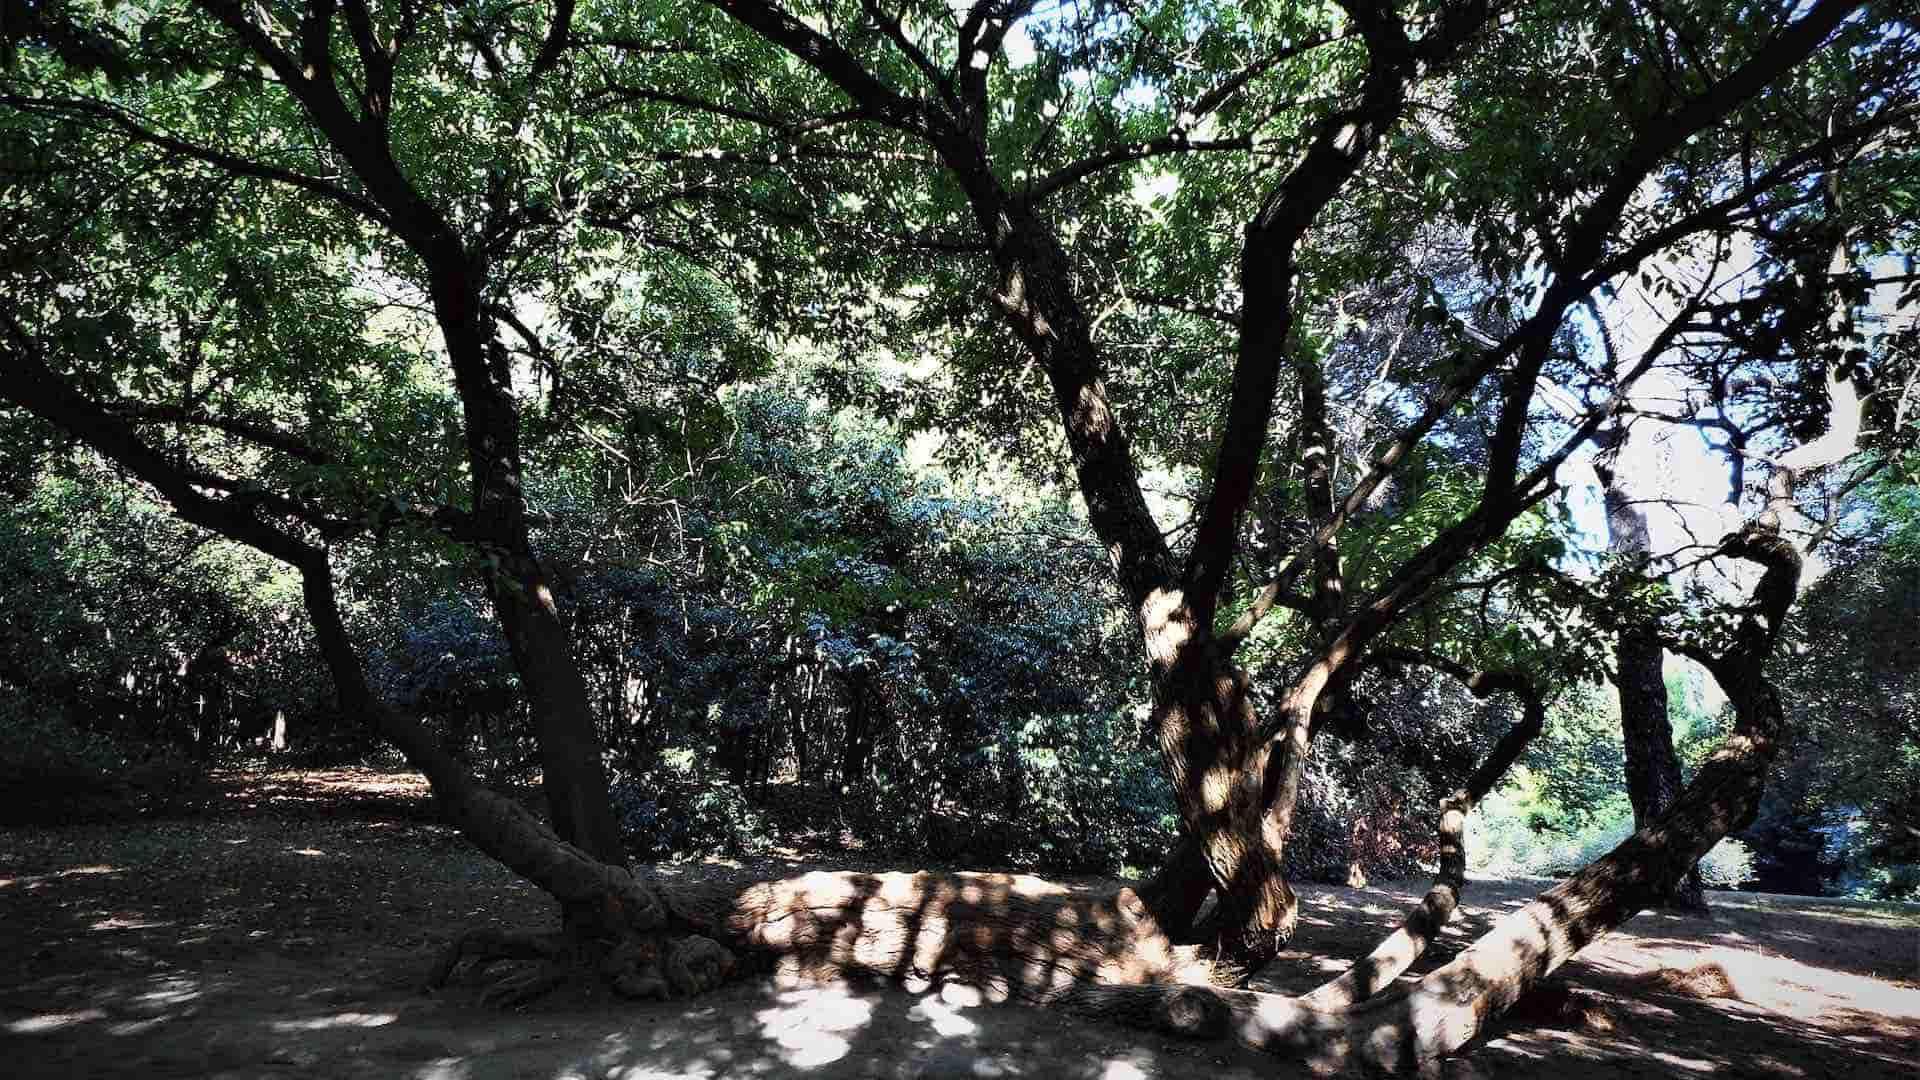 Giardino inglese nel Parco della Reggia di Caserta